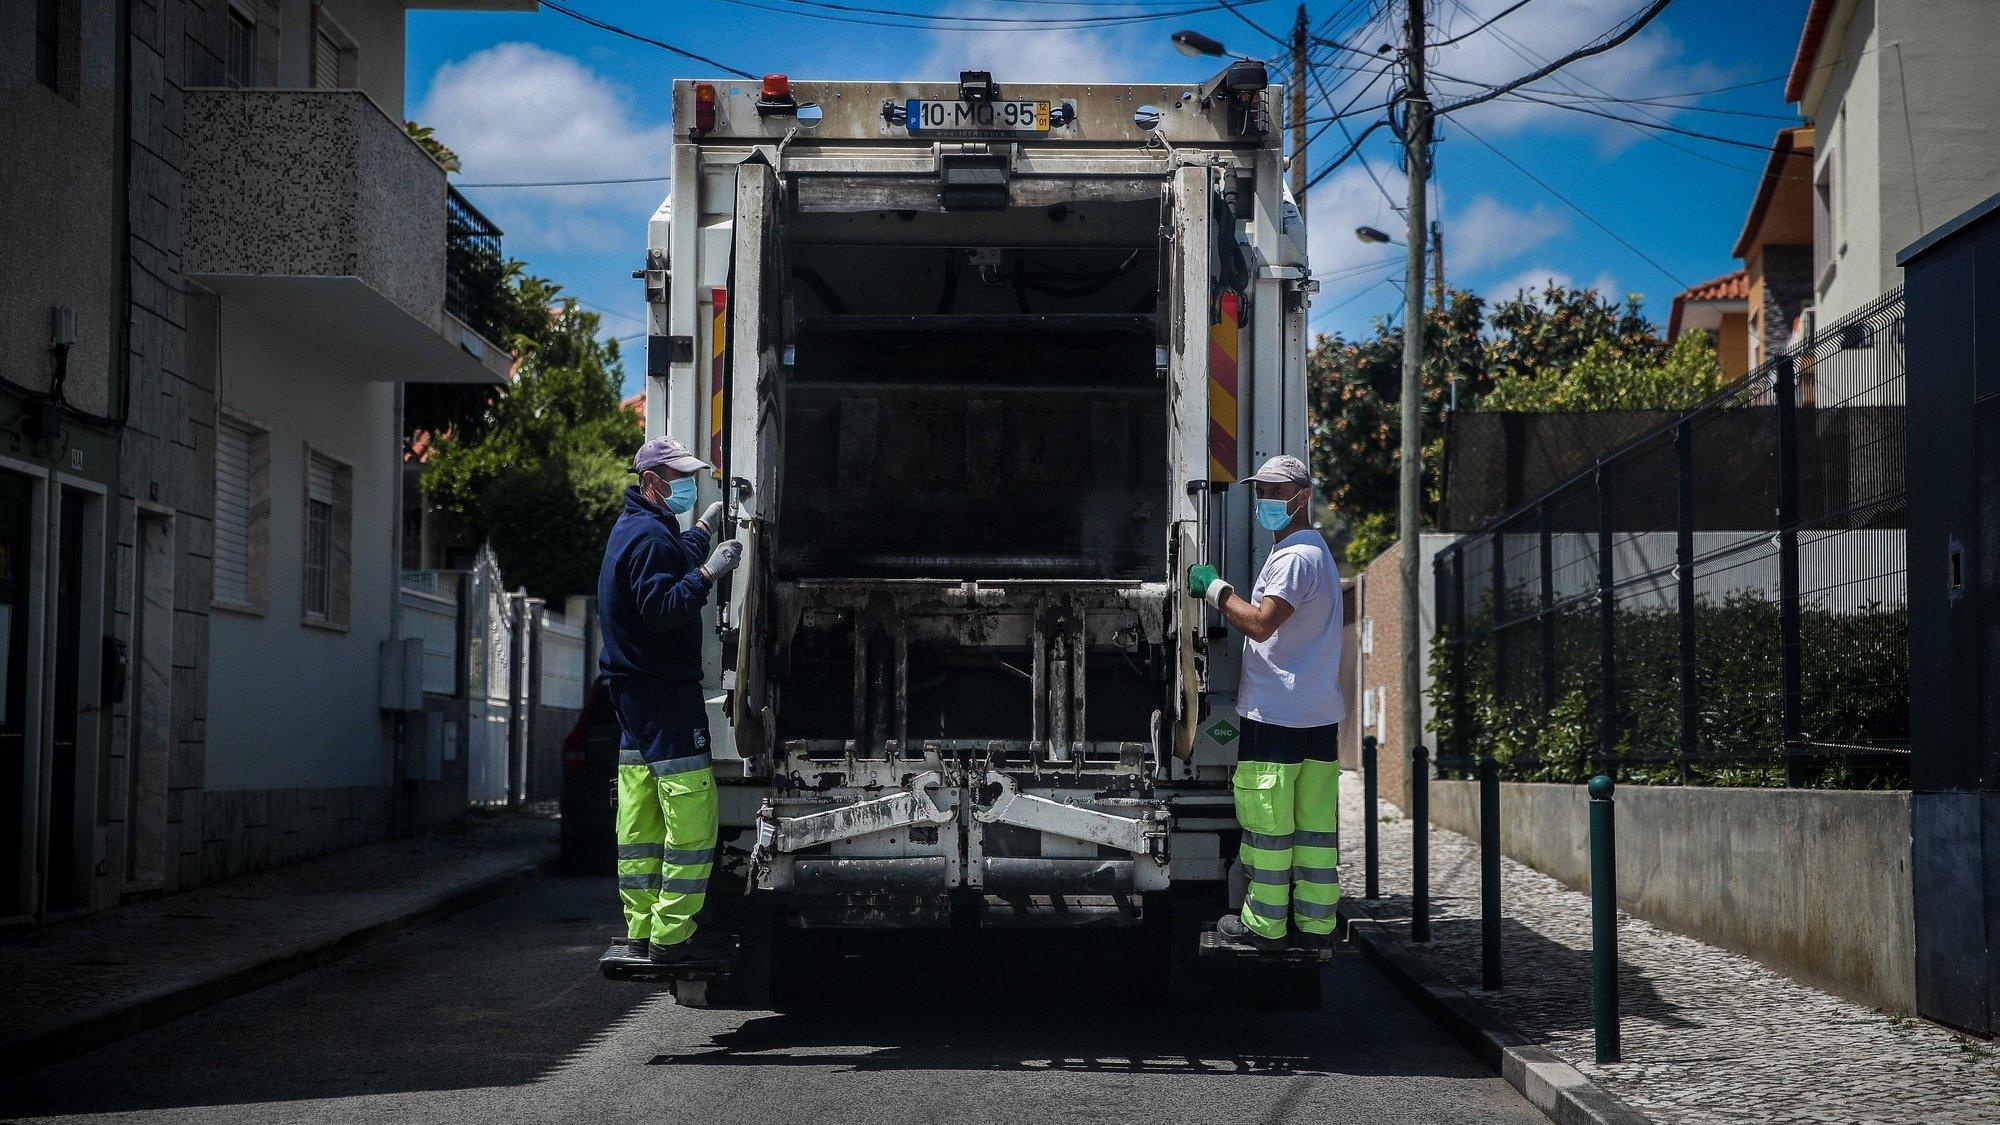 Equipa de recolha de lixo urbano